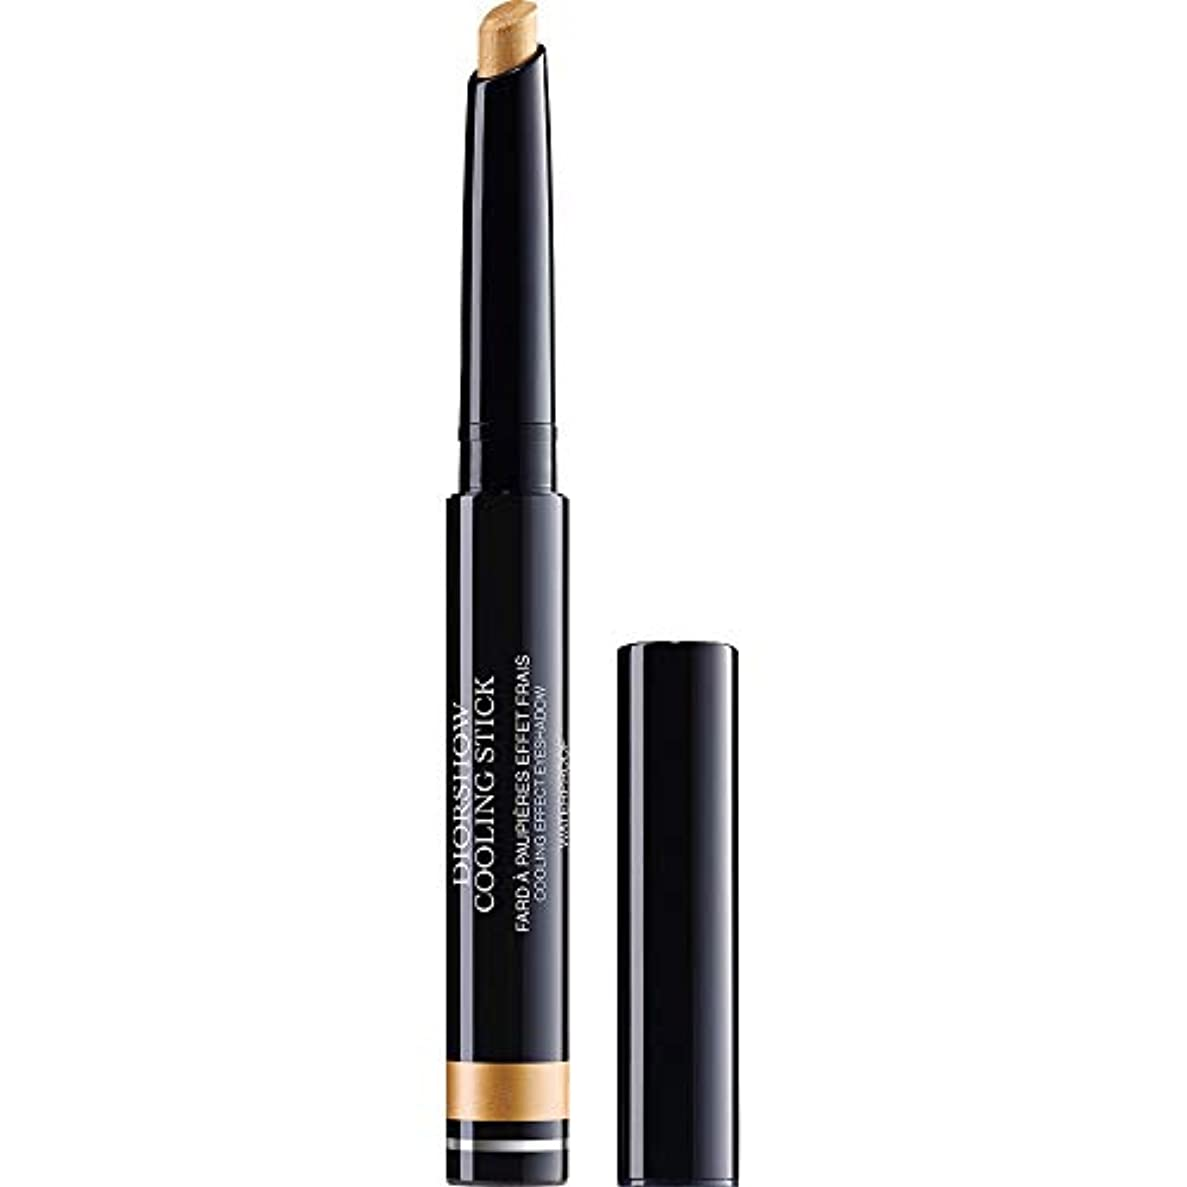 小さい近代化するカラス[Dior ] ディオールDiorshow冷却スティックアイシャドウ1.6グラム002 - 金スプラッシュ - DIOR Diorshow Cooling Stick Eyeshadow 1.6g 002 - Gold Splash [並行輸入品]